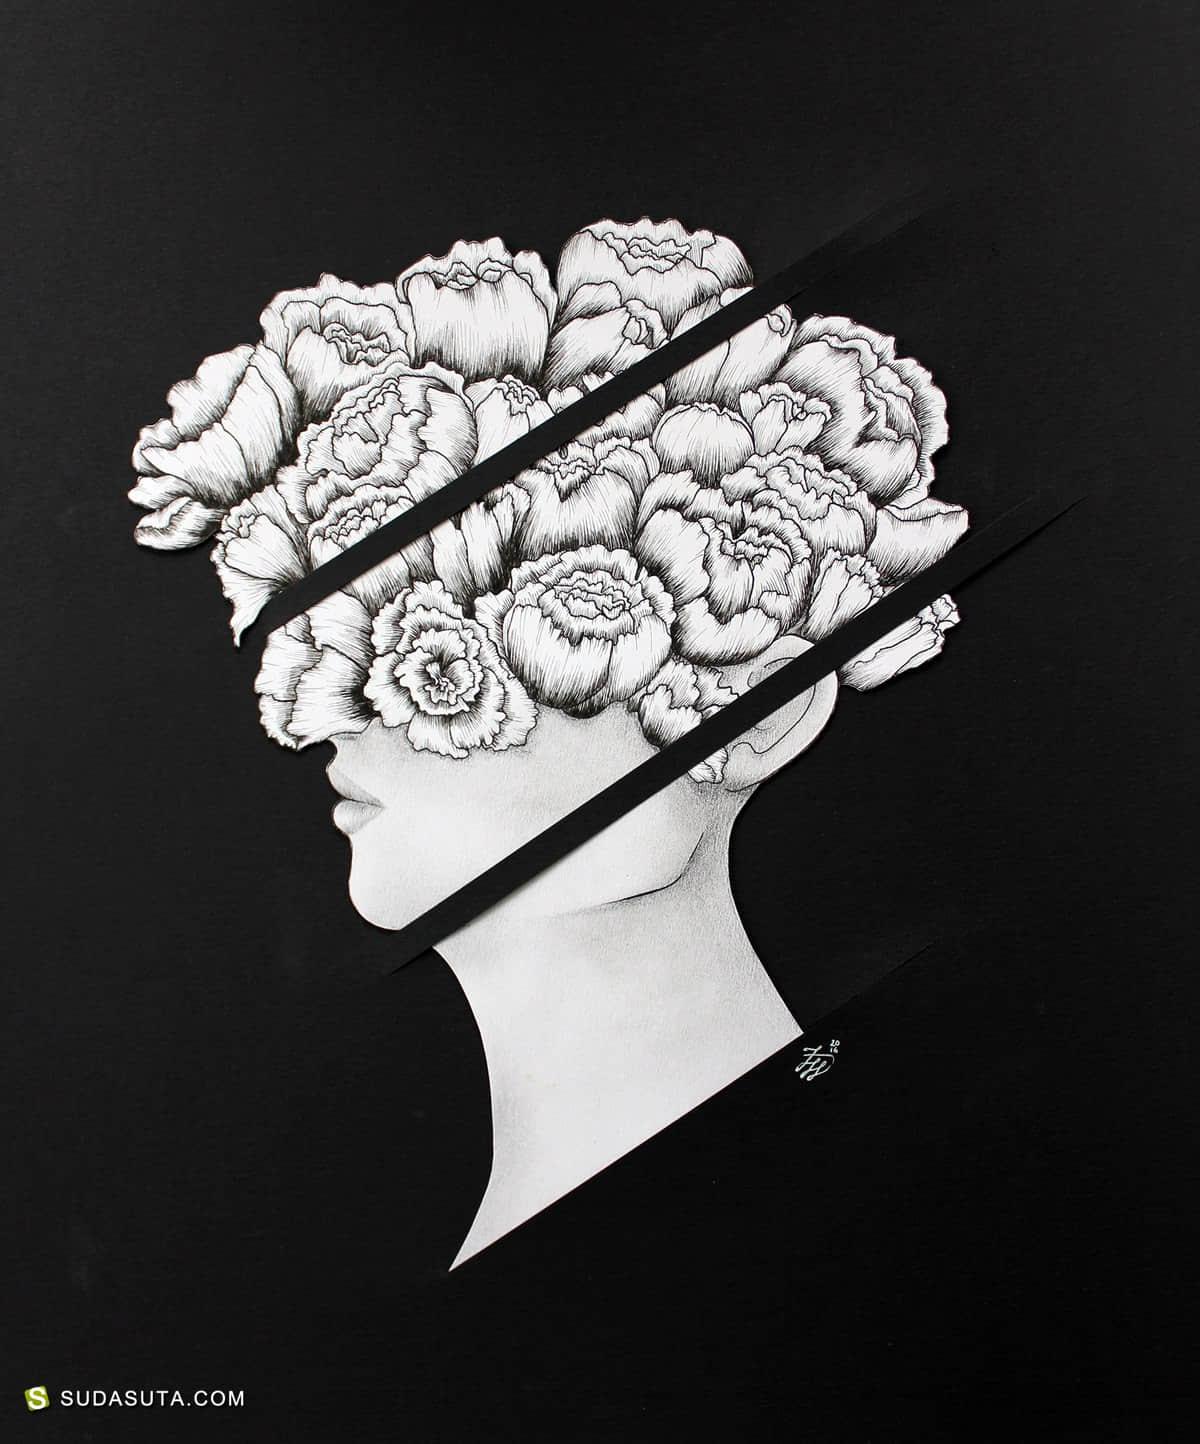 艺术家 Flory Huang 艺术绘画欣赏